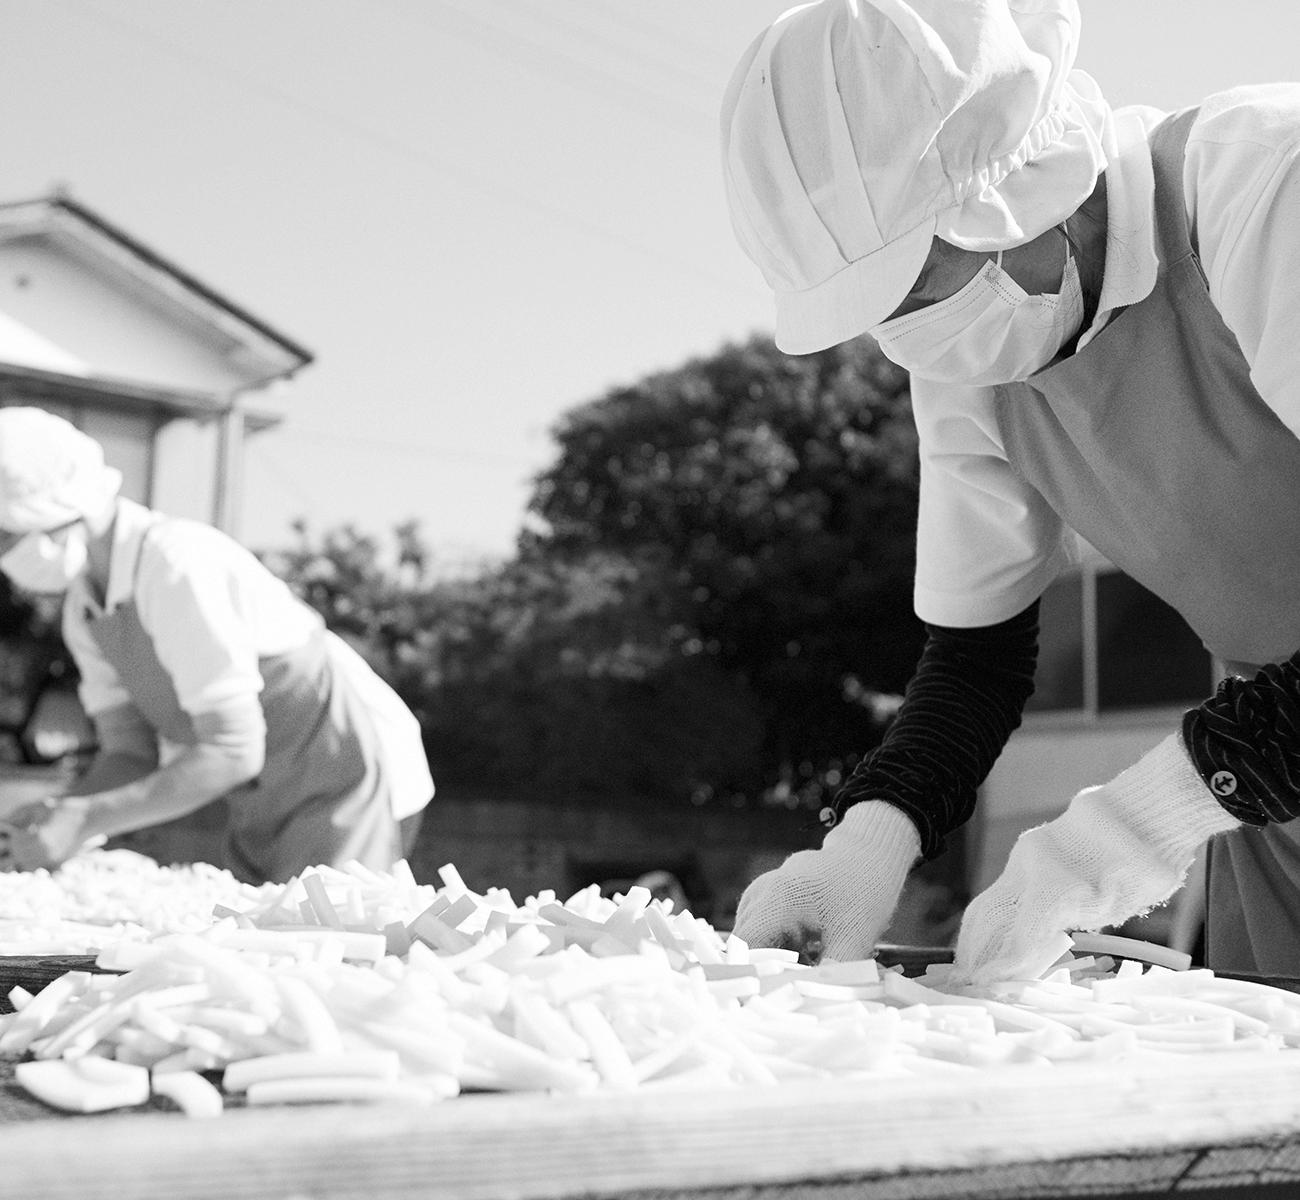 ホーム|茨城県取手のあられ・おかき専門店「歌舞伎あられ池田屋」